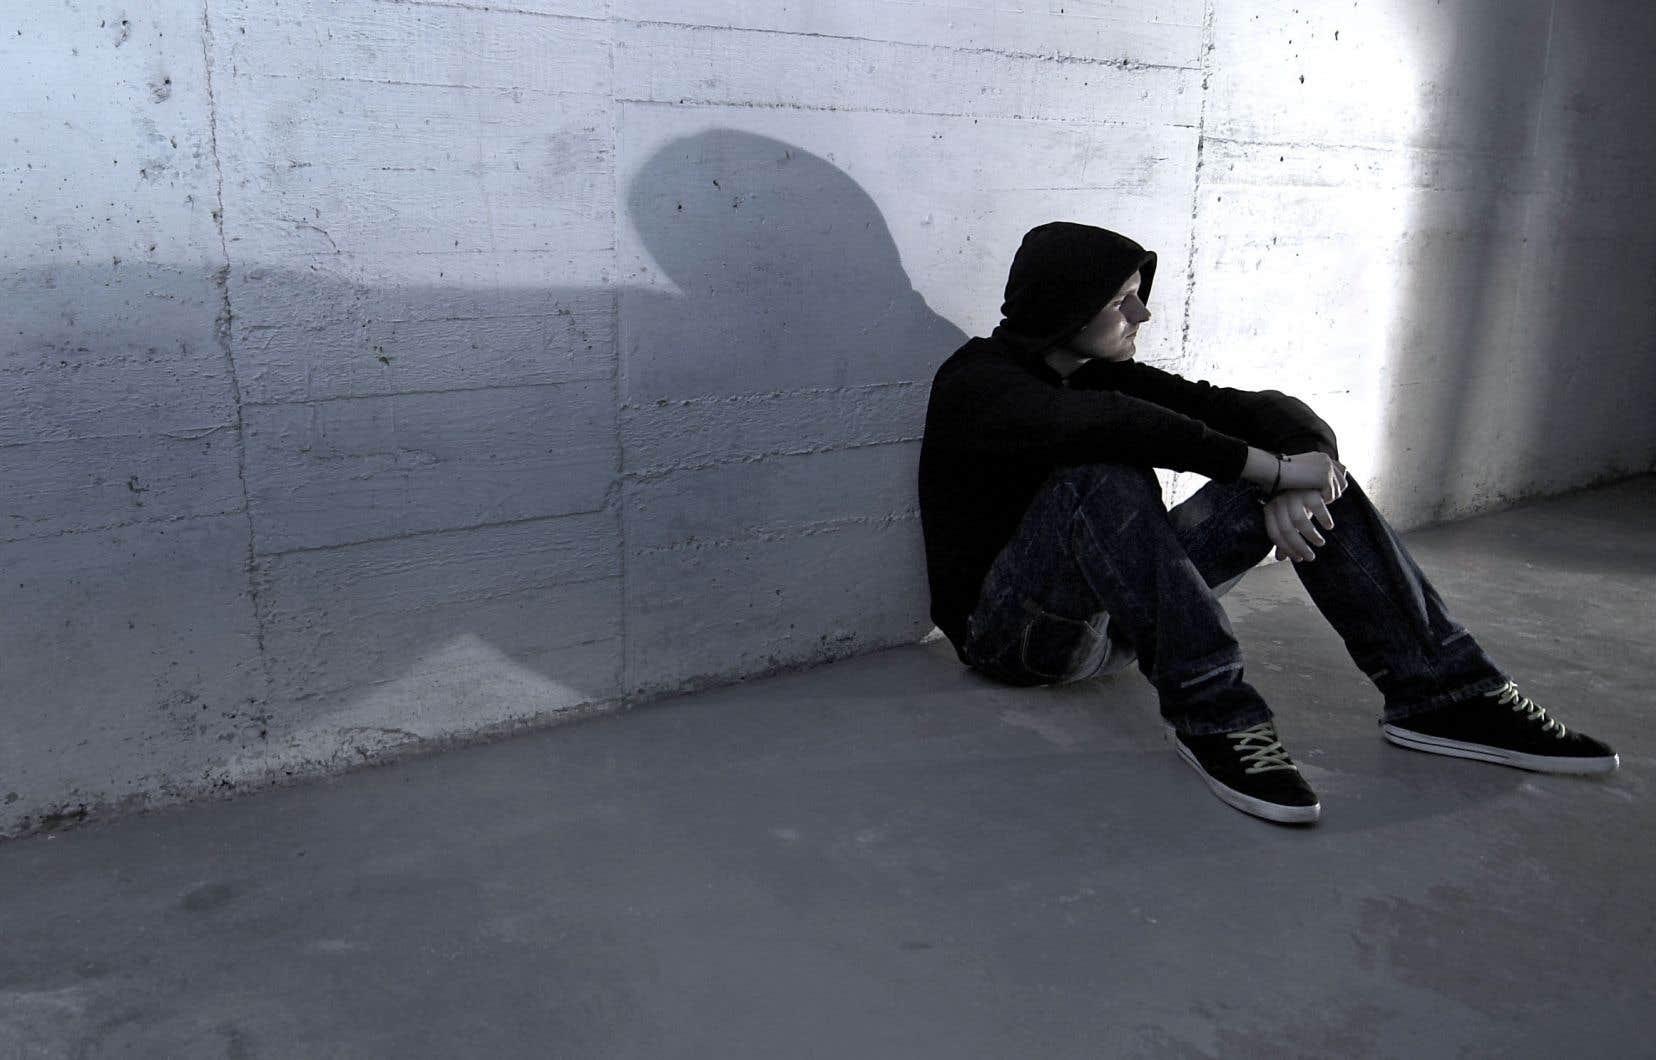 On estime à environ 90% la proportion des individus souffrant de troubles mentaux qui ne sont pas violents.